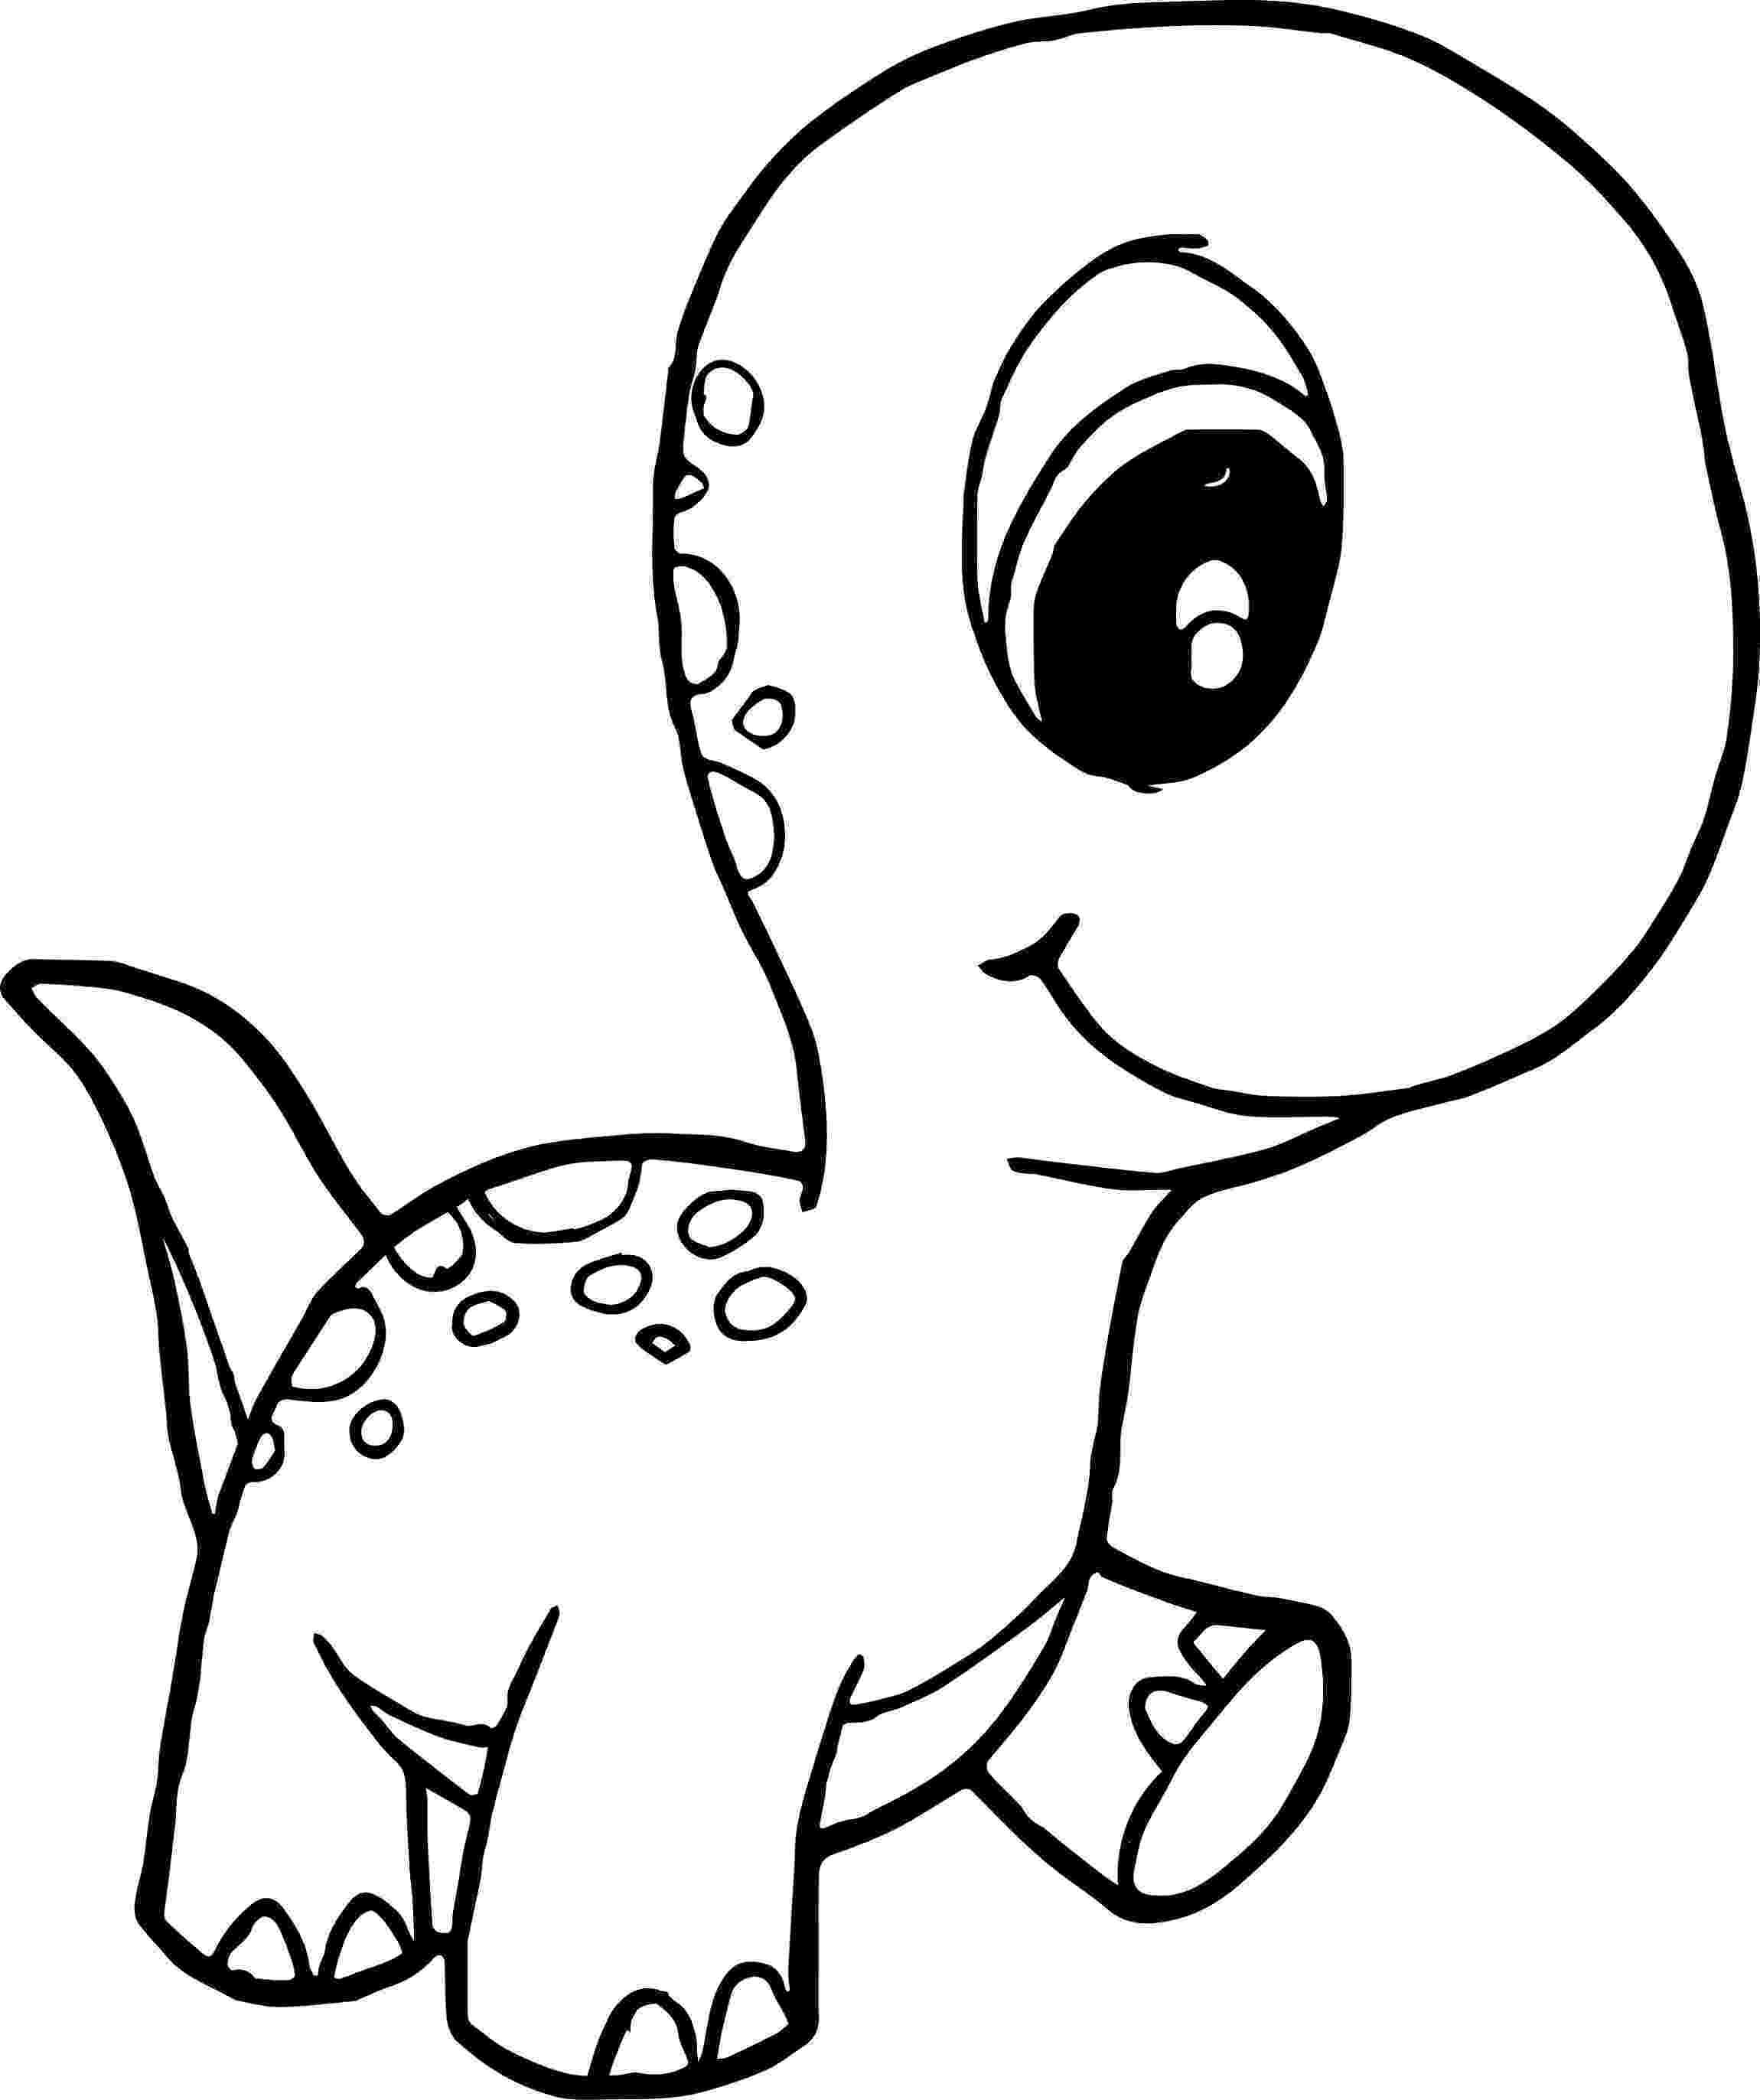 dinosaur sheets free printable dinosaur coloring pages sheets dinosaur